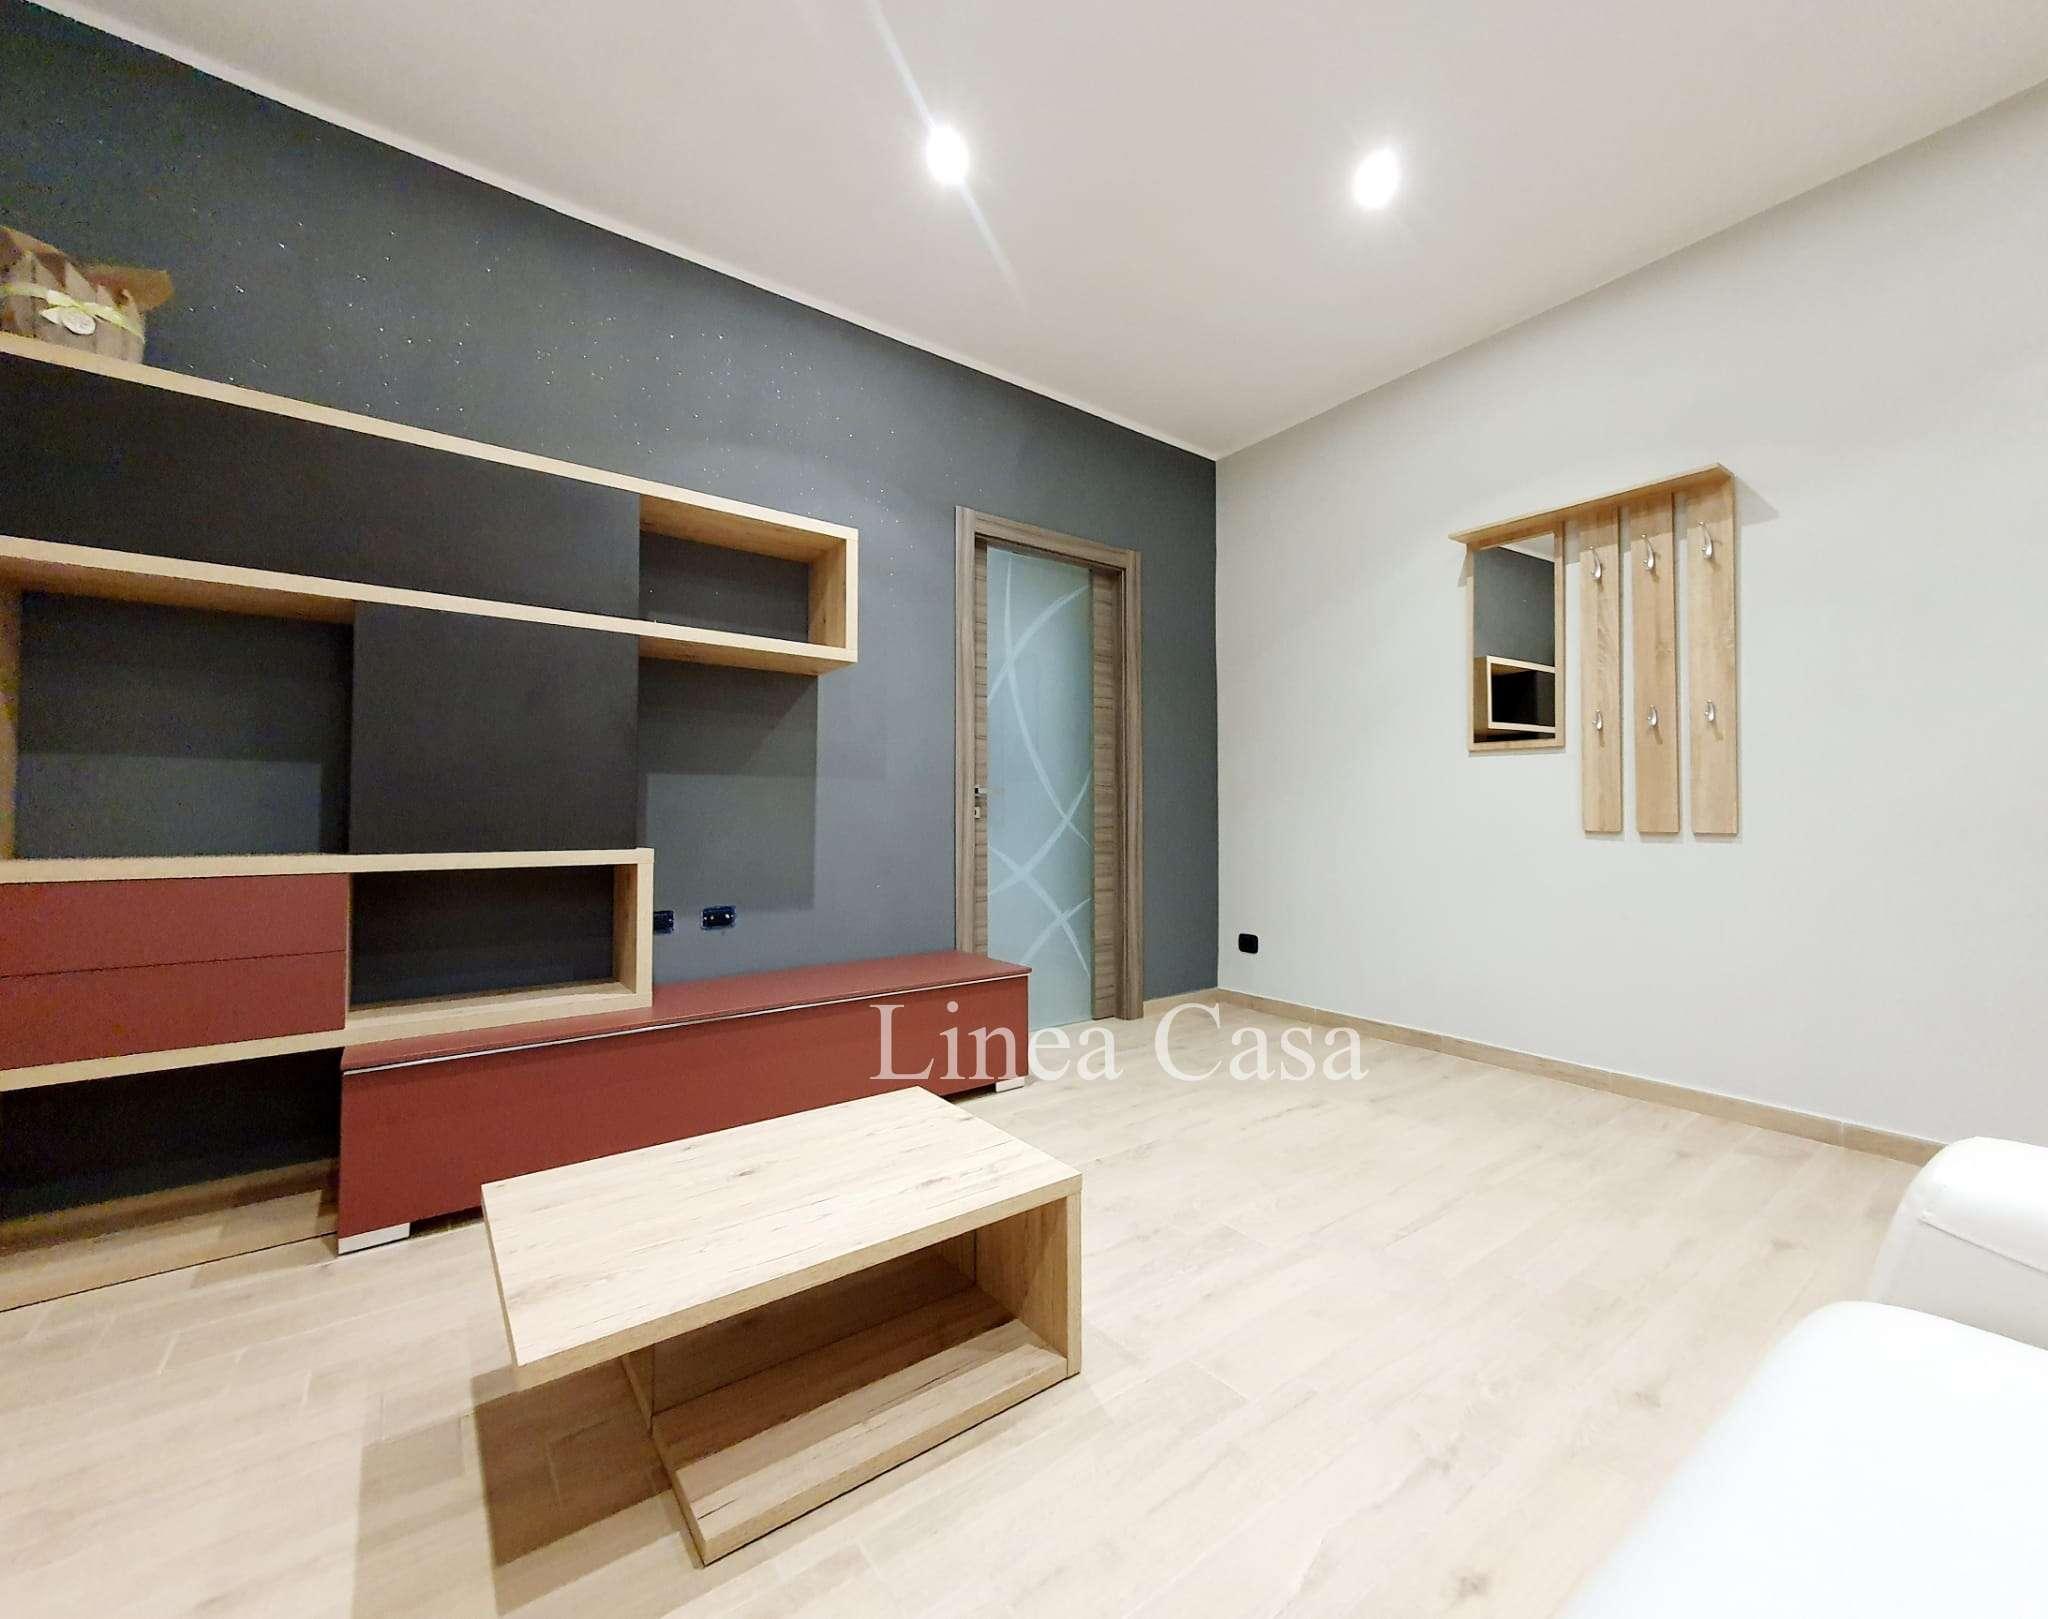 Appartamento in vendita a Altavilla Milicia, 4 locali, prezzo € 135.000 | PortaleAgenzieImmobiliari.it